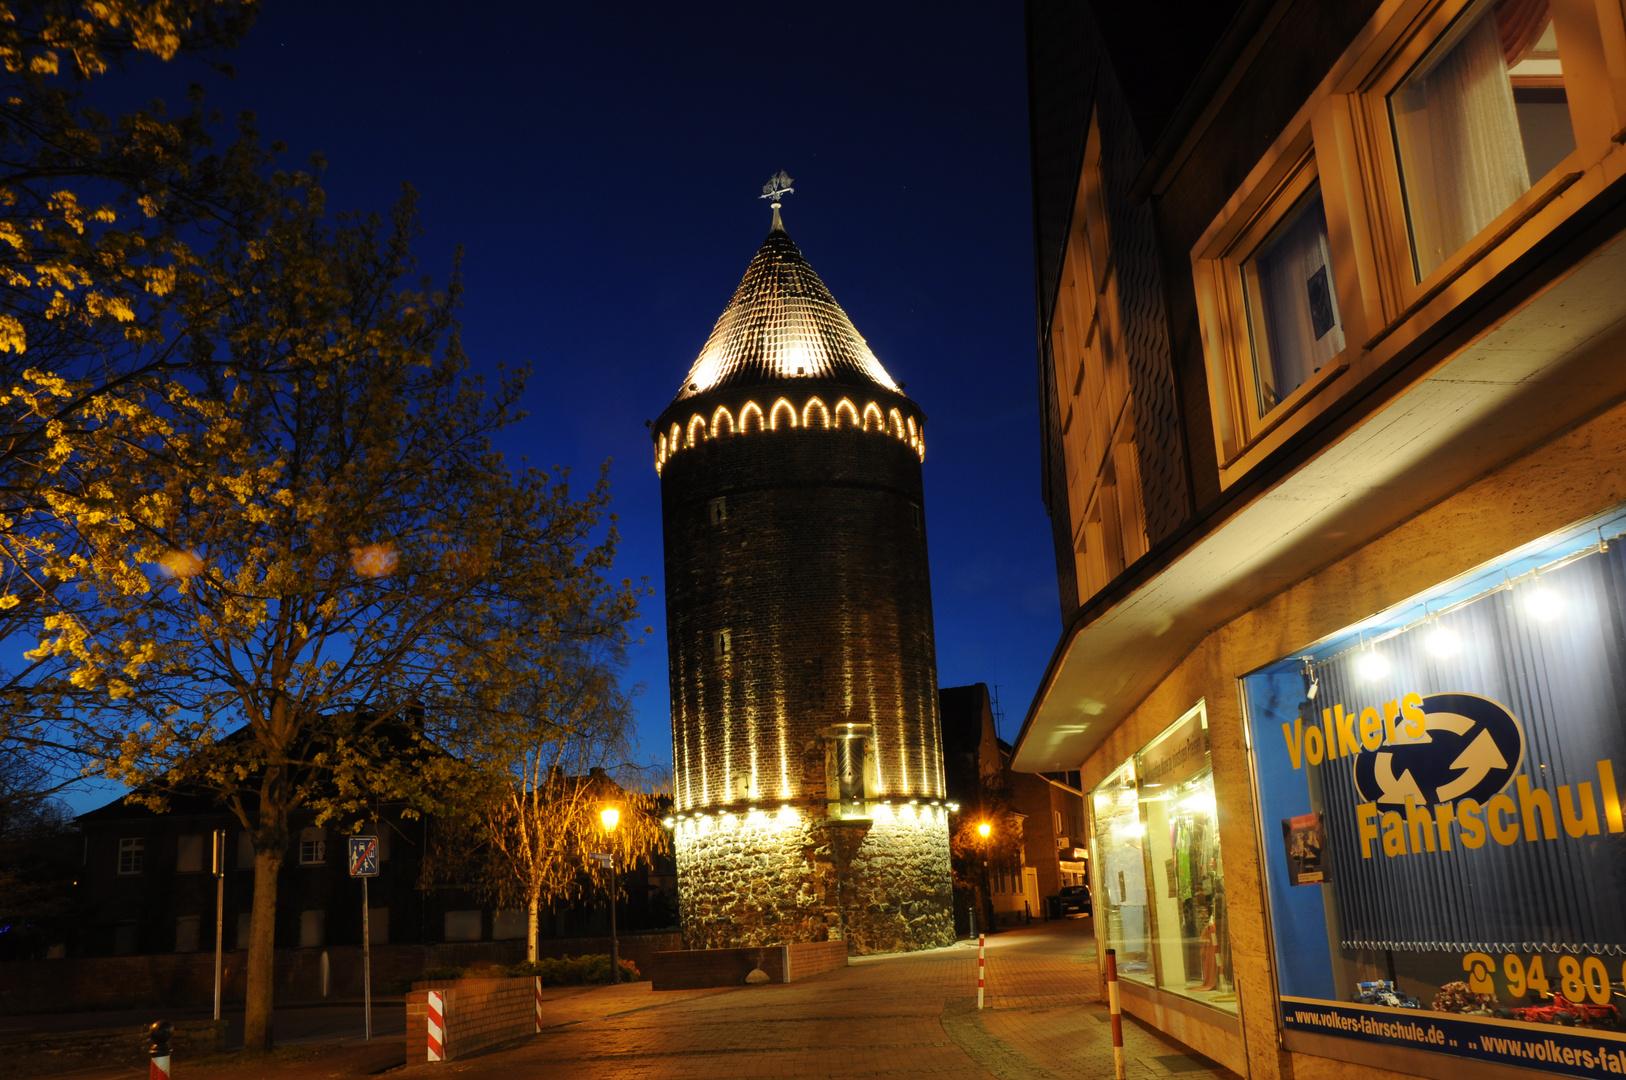 Turm in Haltern (Altstadt)